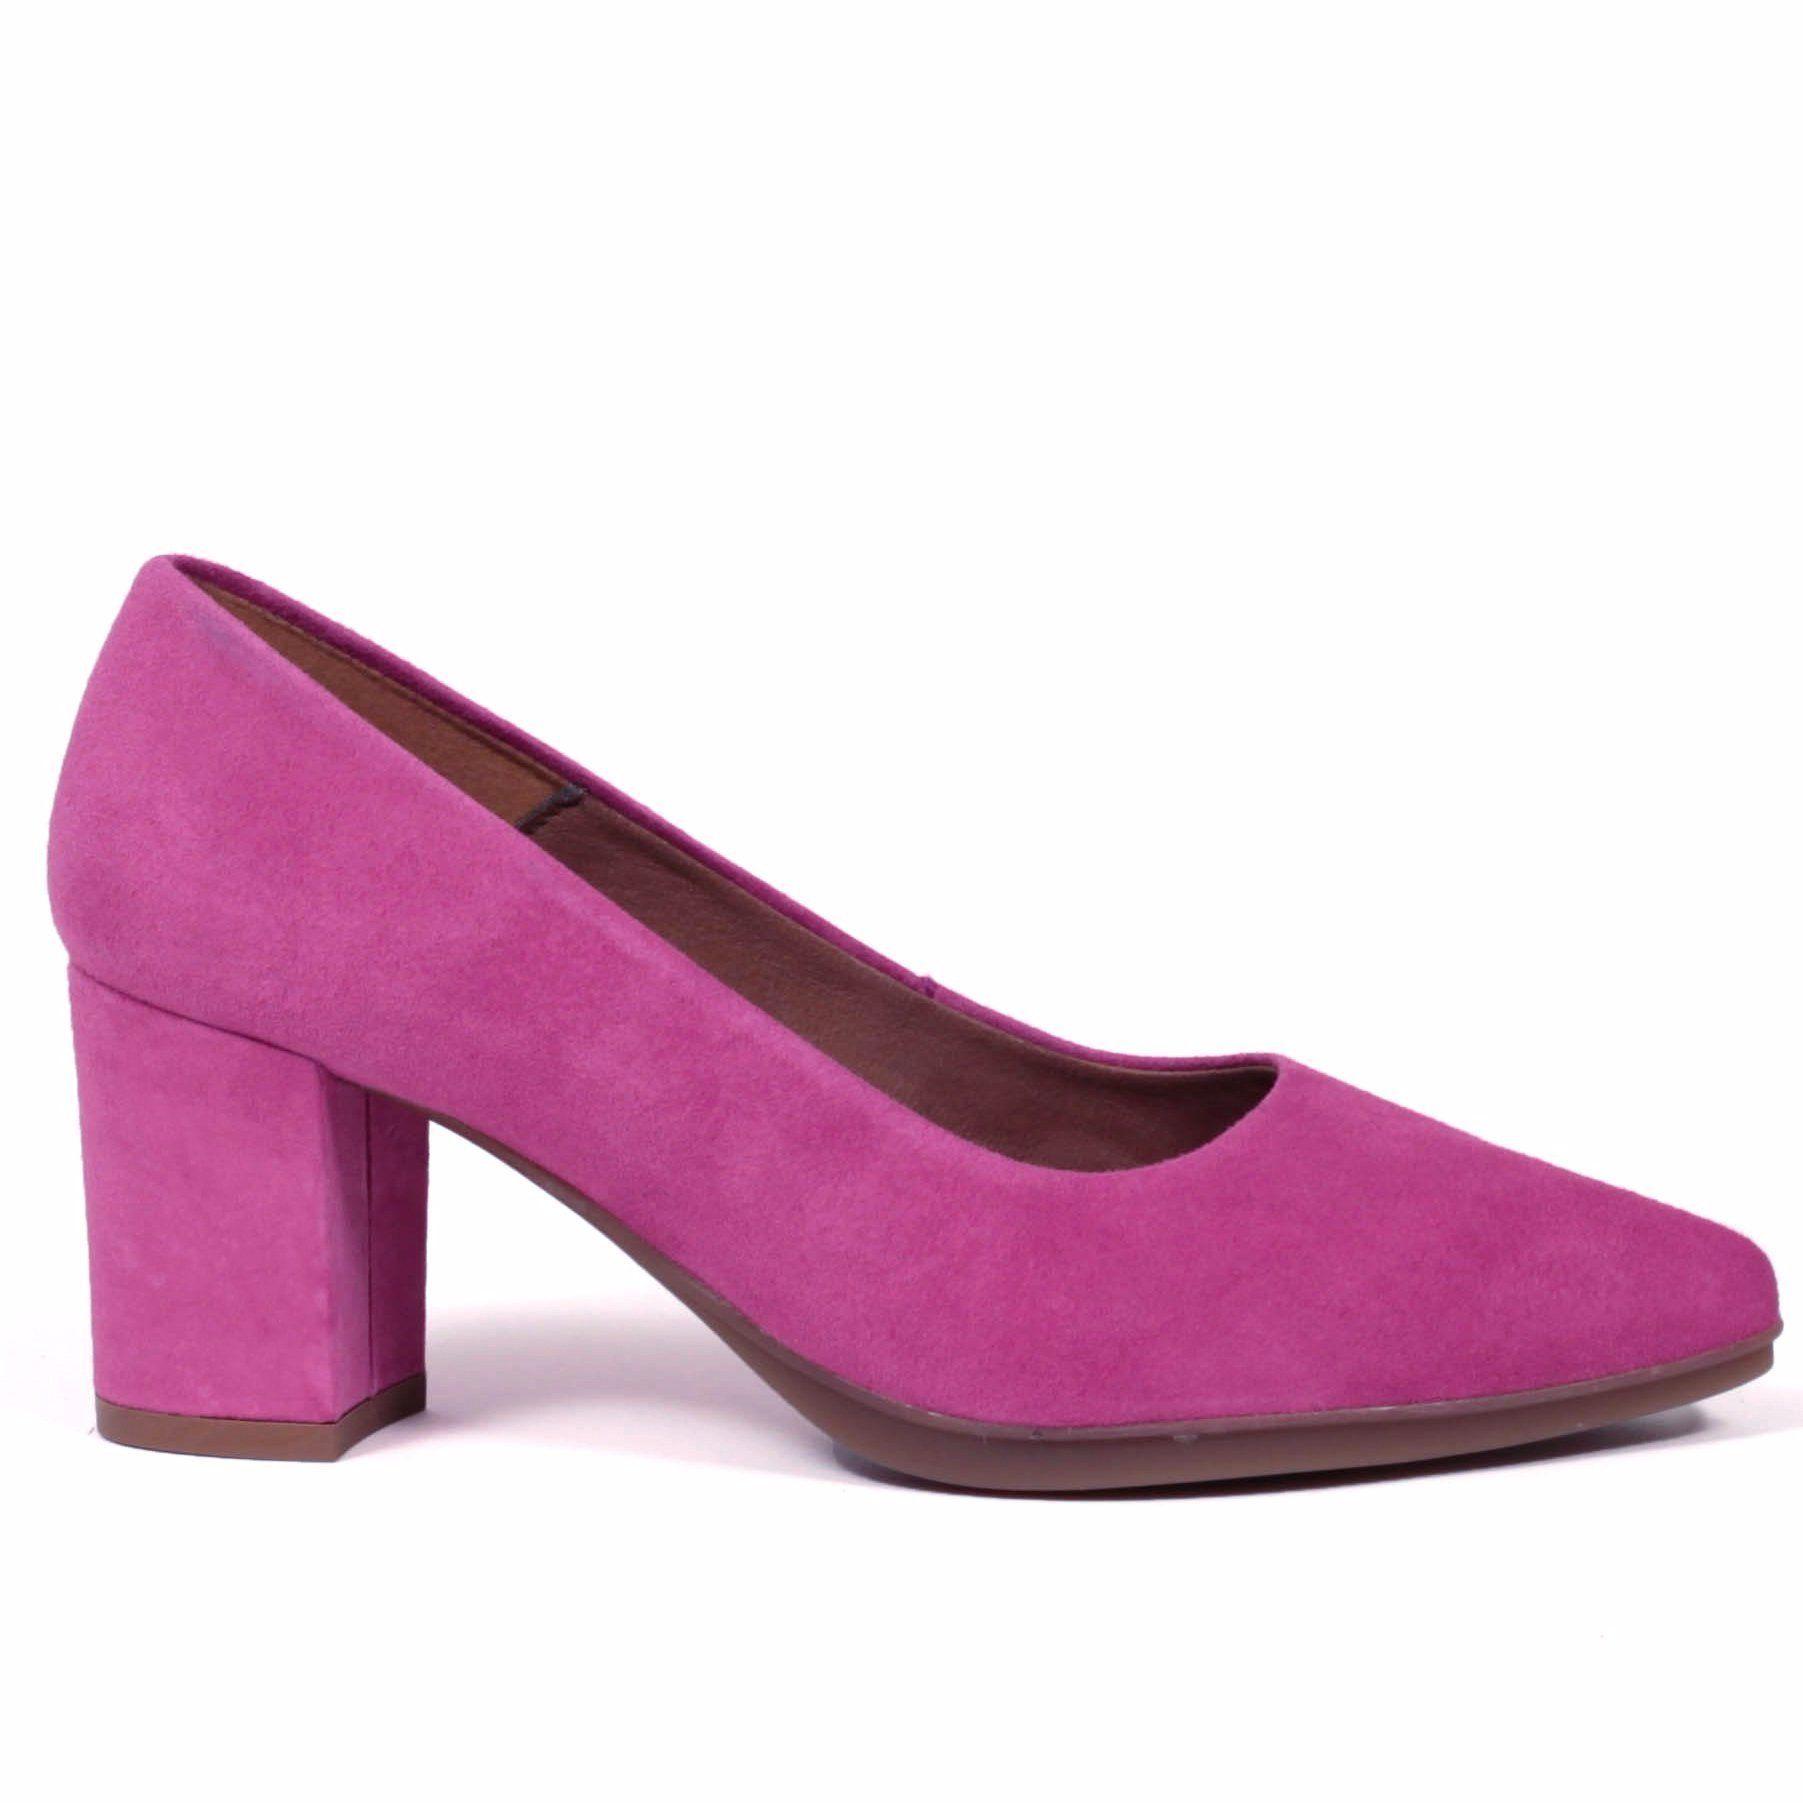 Tipo Mimao Este Para Consigue Clic De Zapato Tacón AhoraHaz Ov8nNm0w